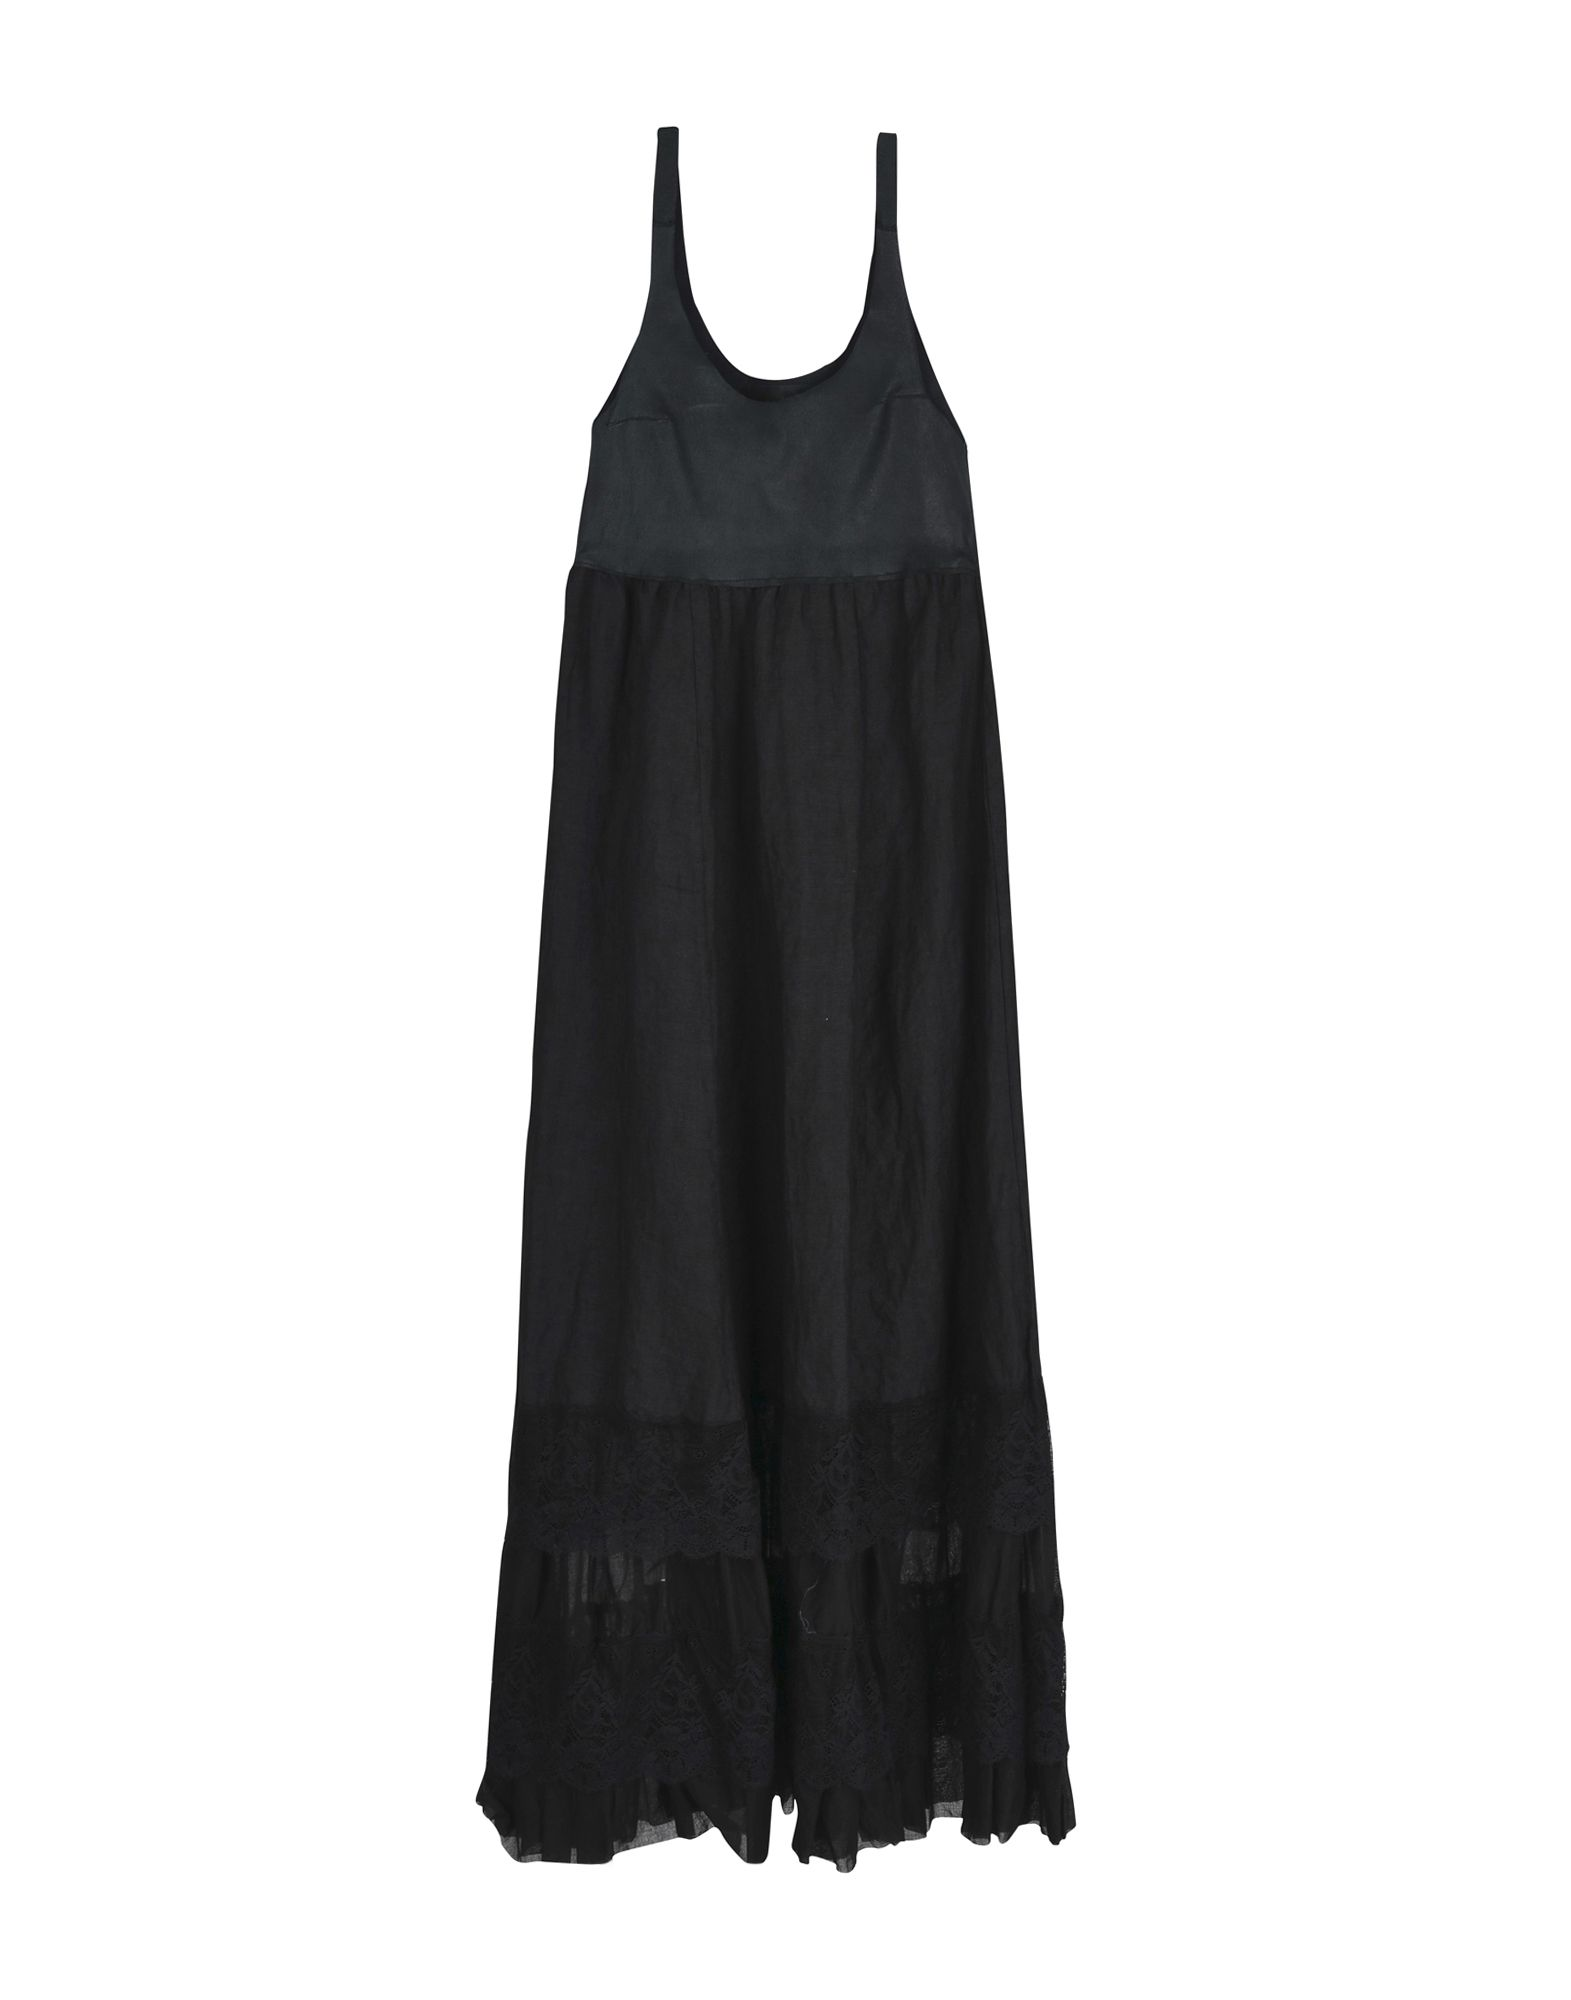 Vestito In Seta Da Rold Lecuirperdu Donna - Acquista online su vgxSq